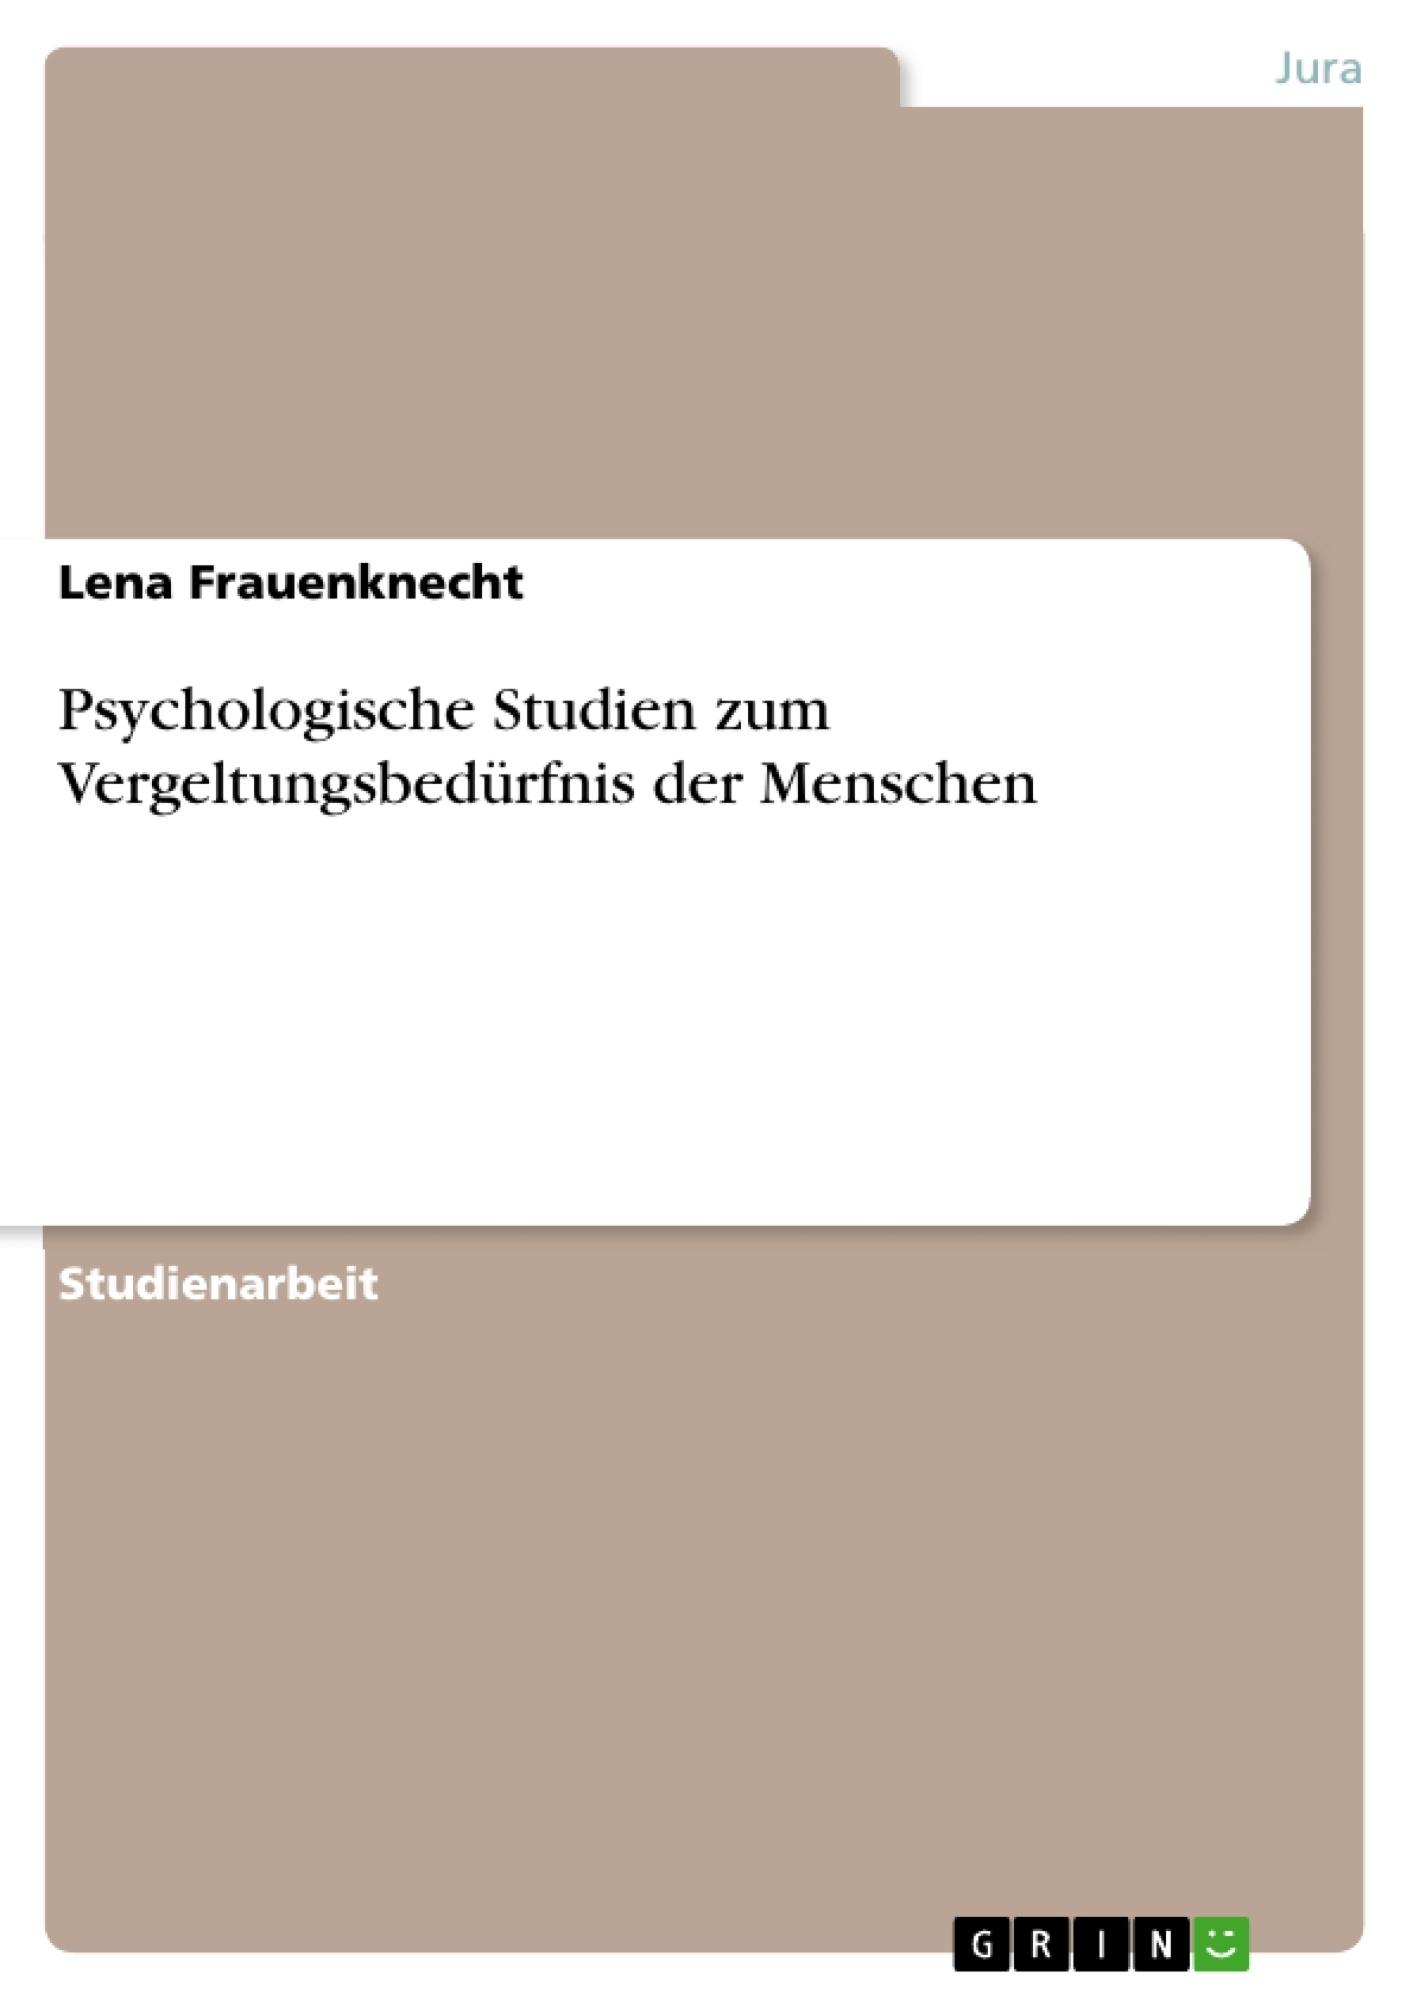 Titel: Psychologische Studien zum Vergeltungsbedürfnis der Menschen